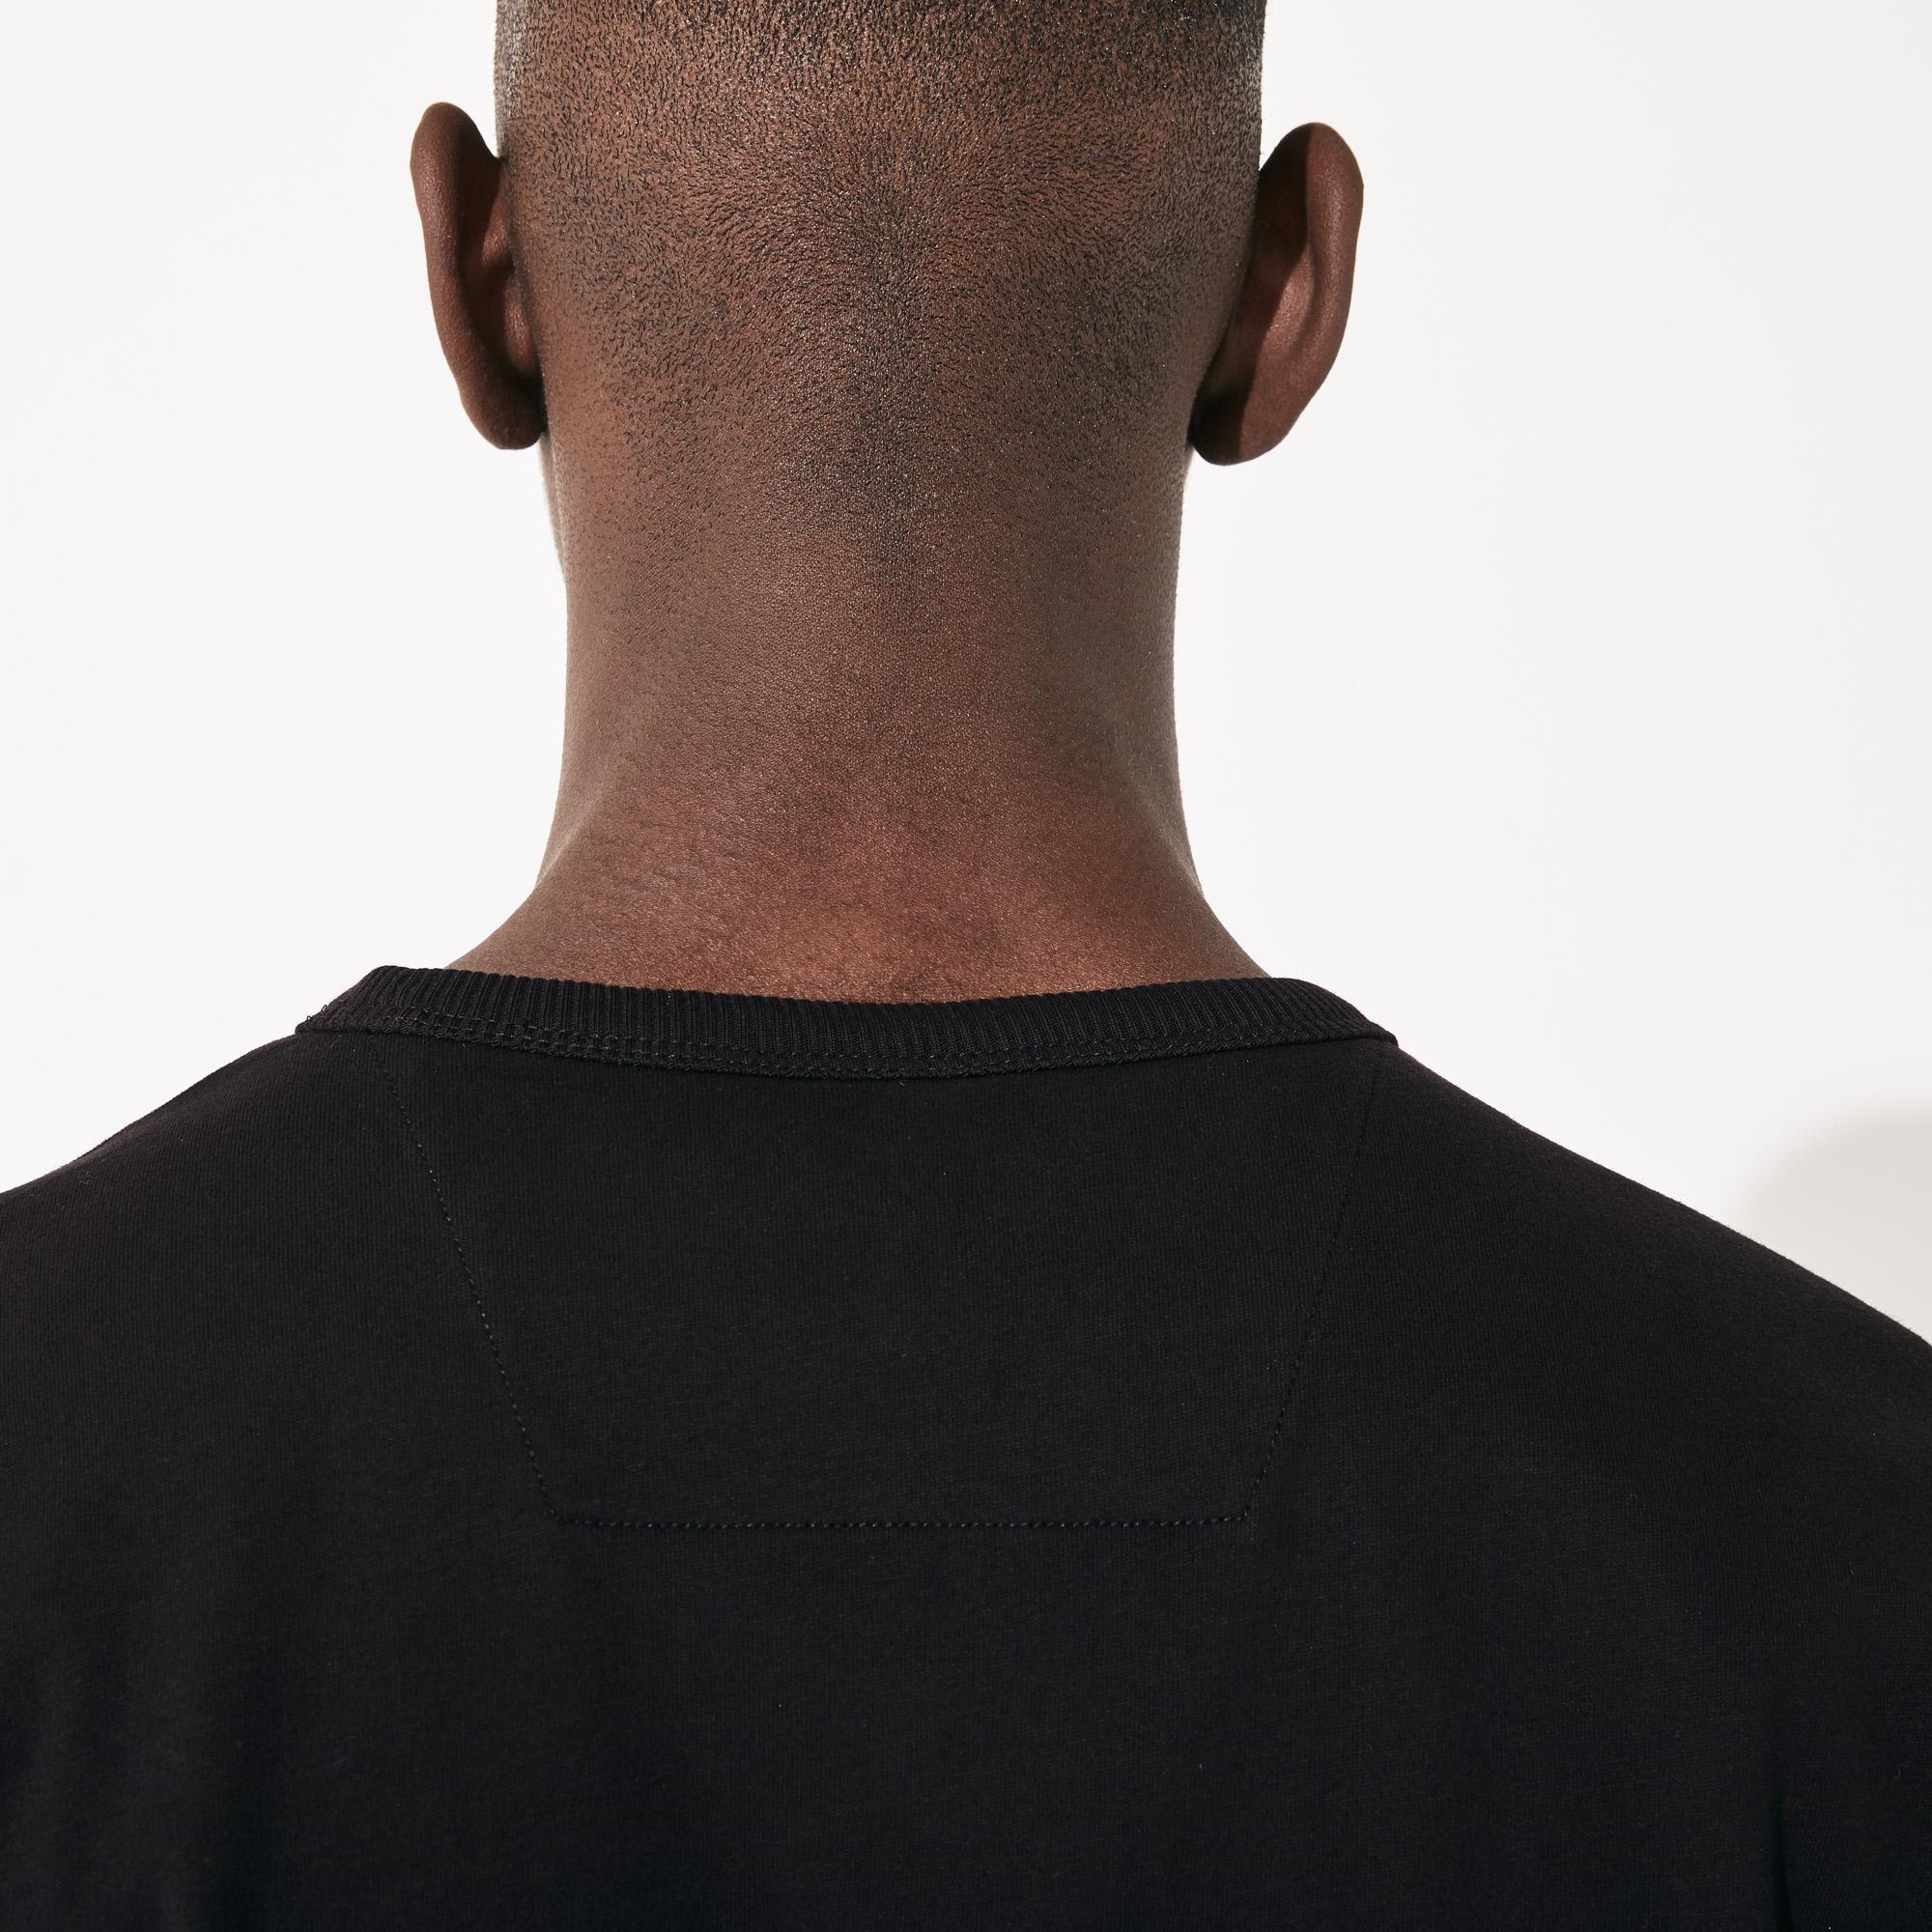 Lacoste Sport Erkek Bisiklet Yaka Timsah Baskılı Siyah T-Shirt